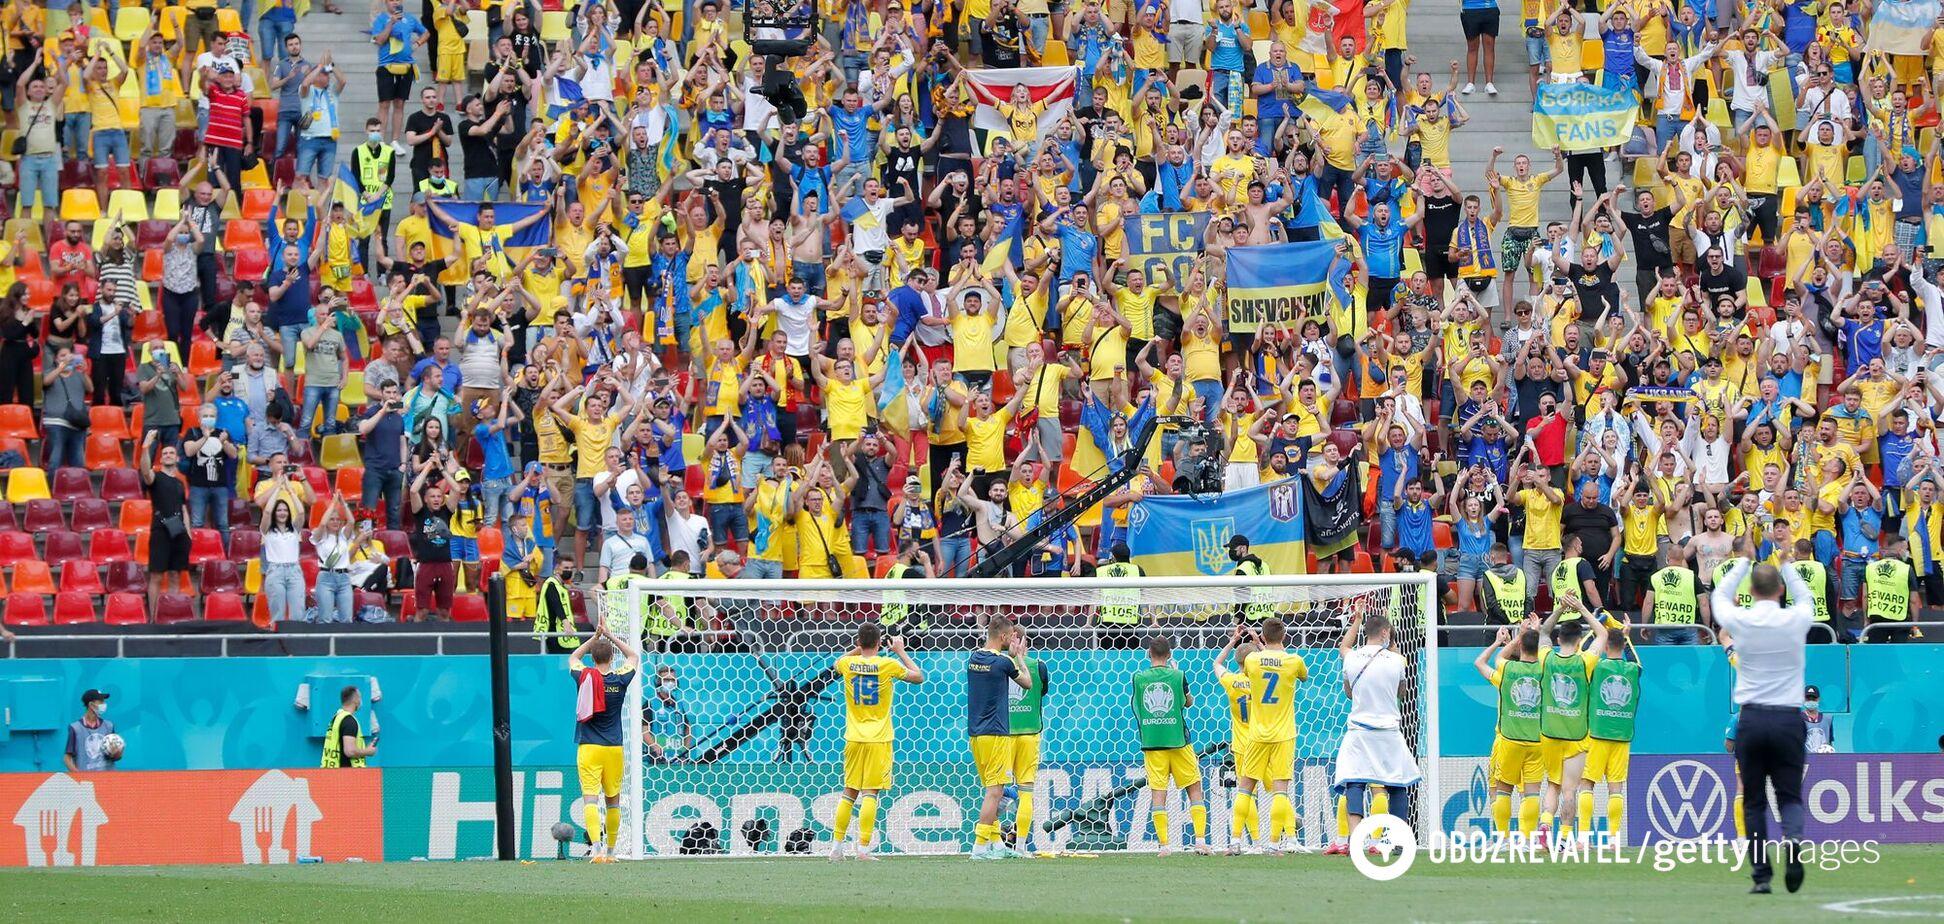 После победы в Бухаресте вся сборная Украины подошла к трибуне со своими болельщиками. Видео